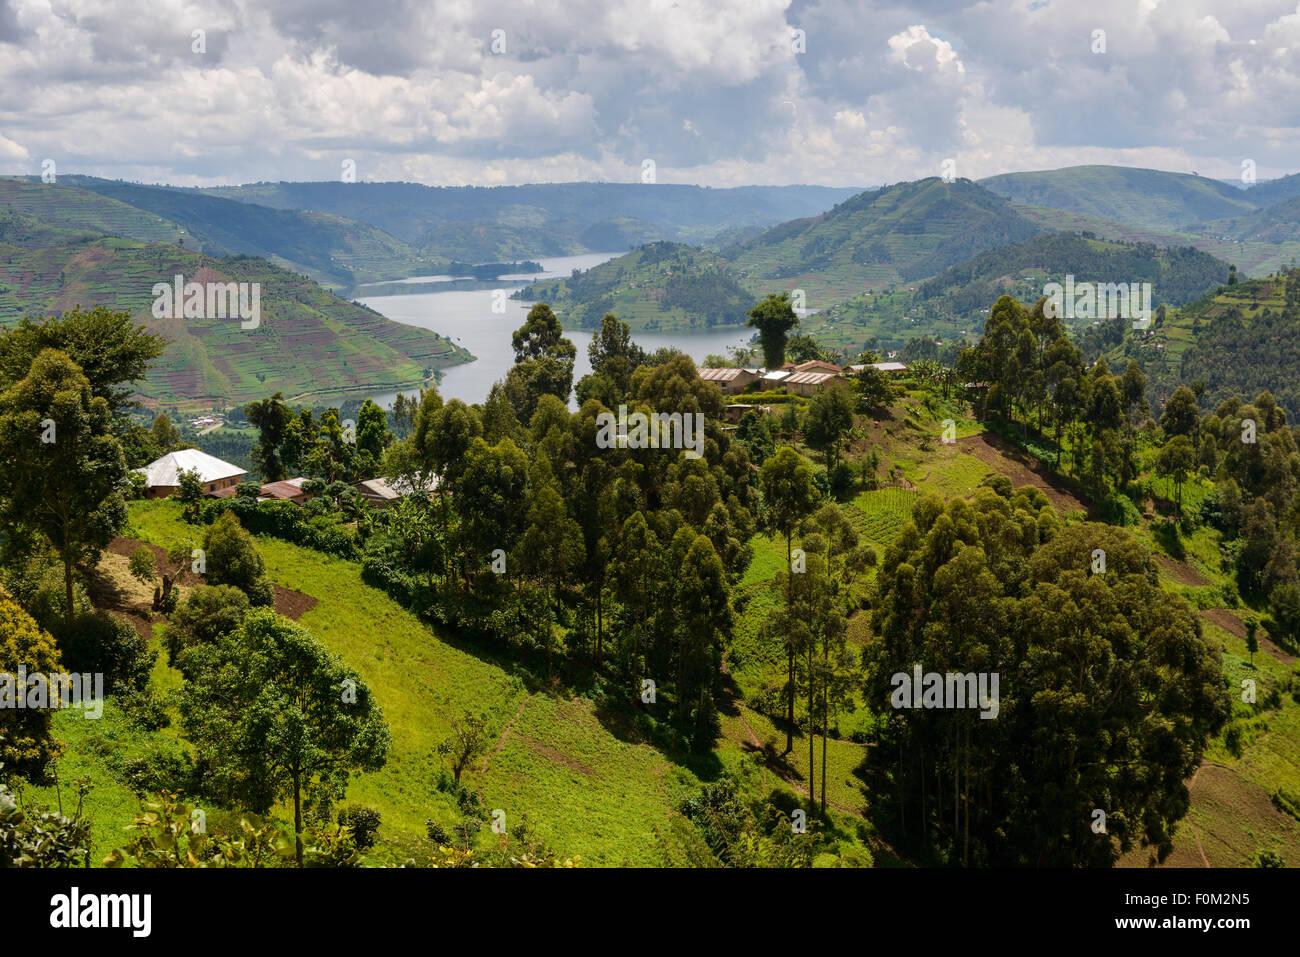 Overlooking Lake Bunyonyi, Uganda, Africa - Stock Image